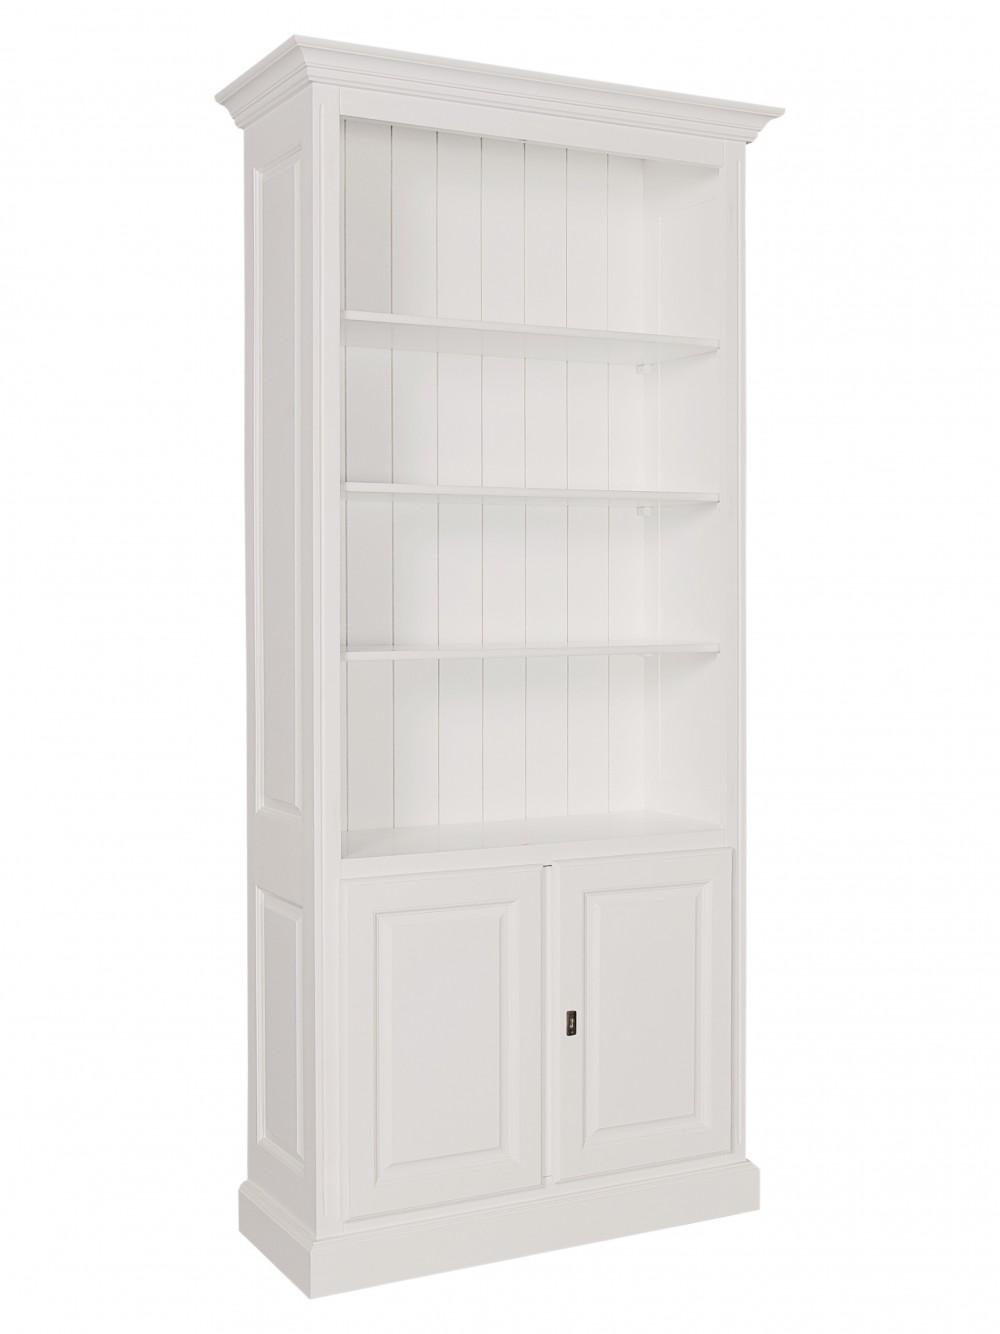 Bücherschrank weiß, Schrank weiß Landhaus, Breite 101 cm ...